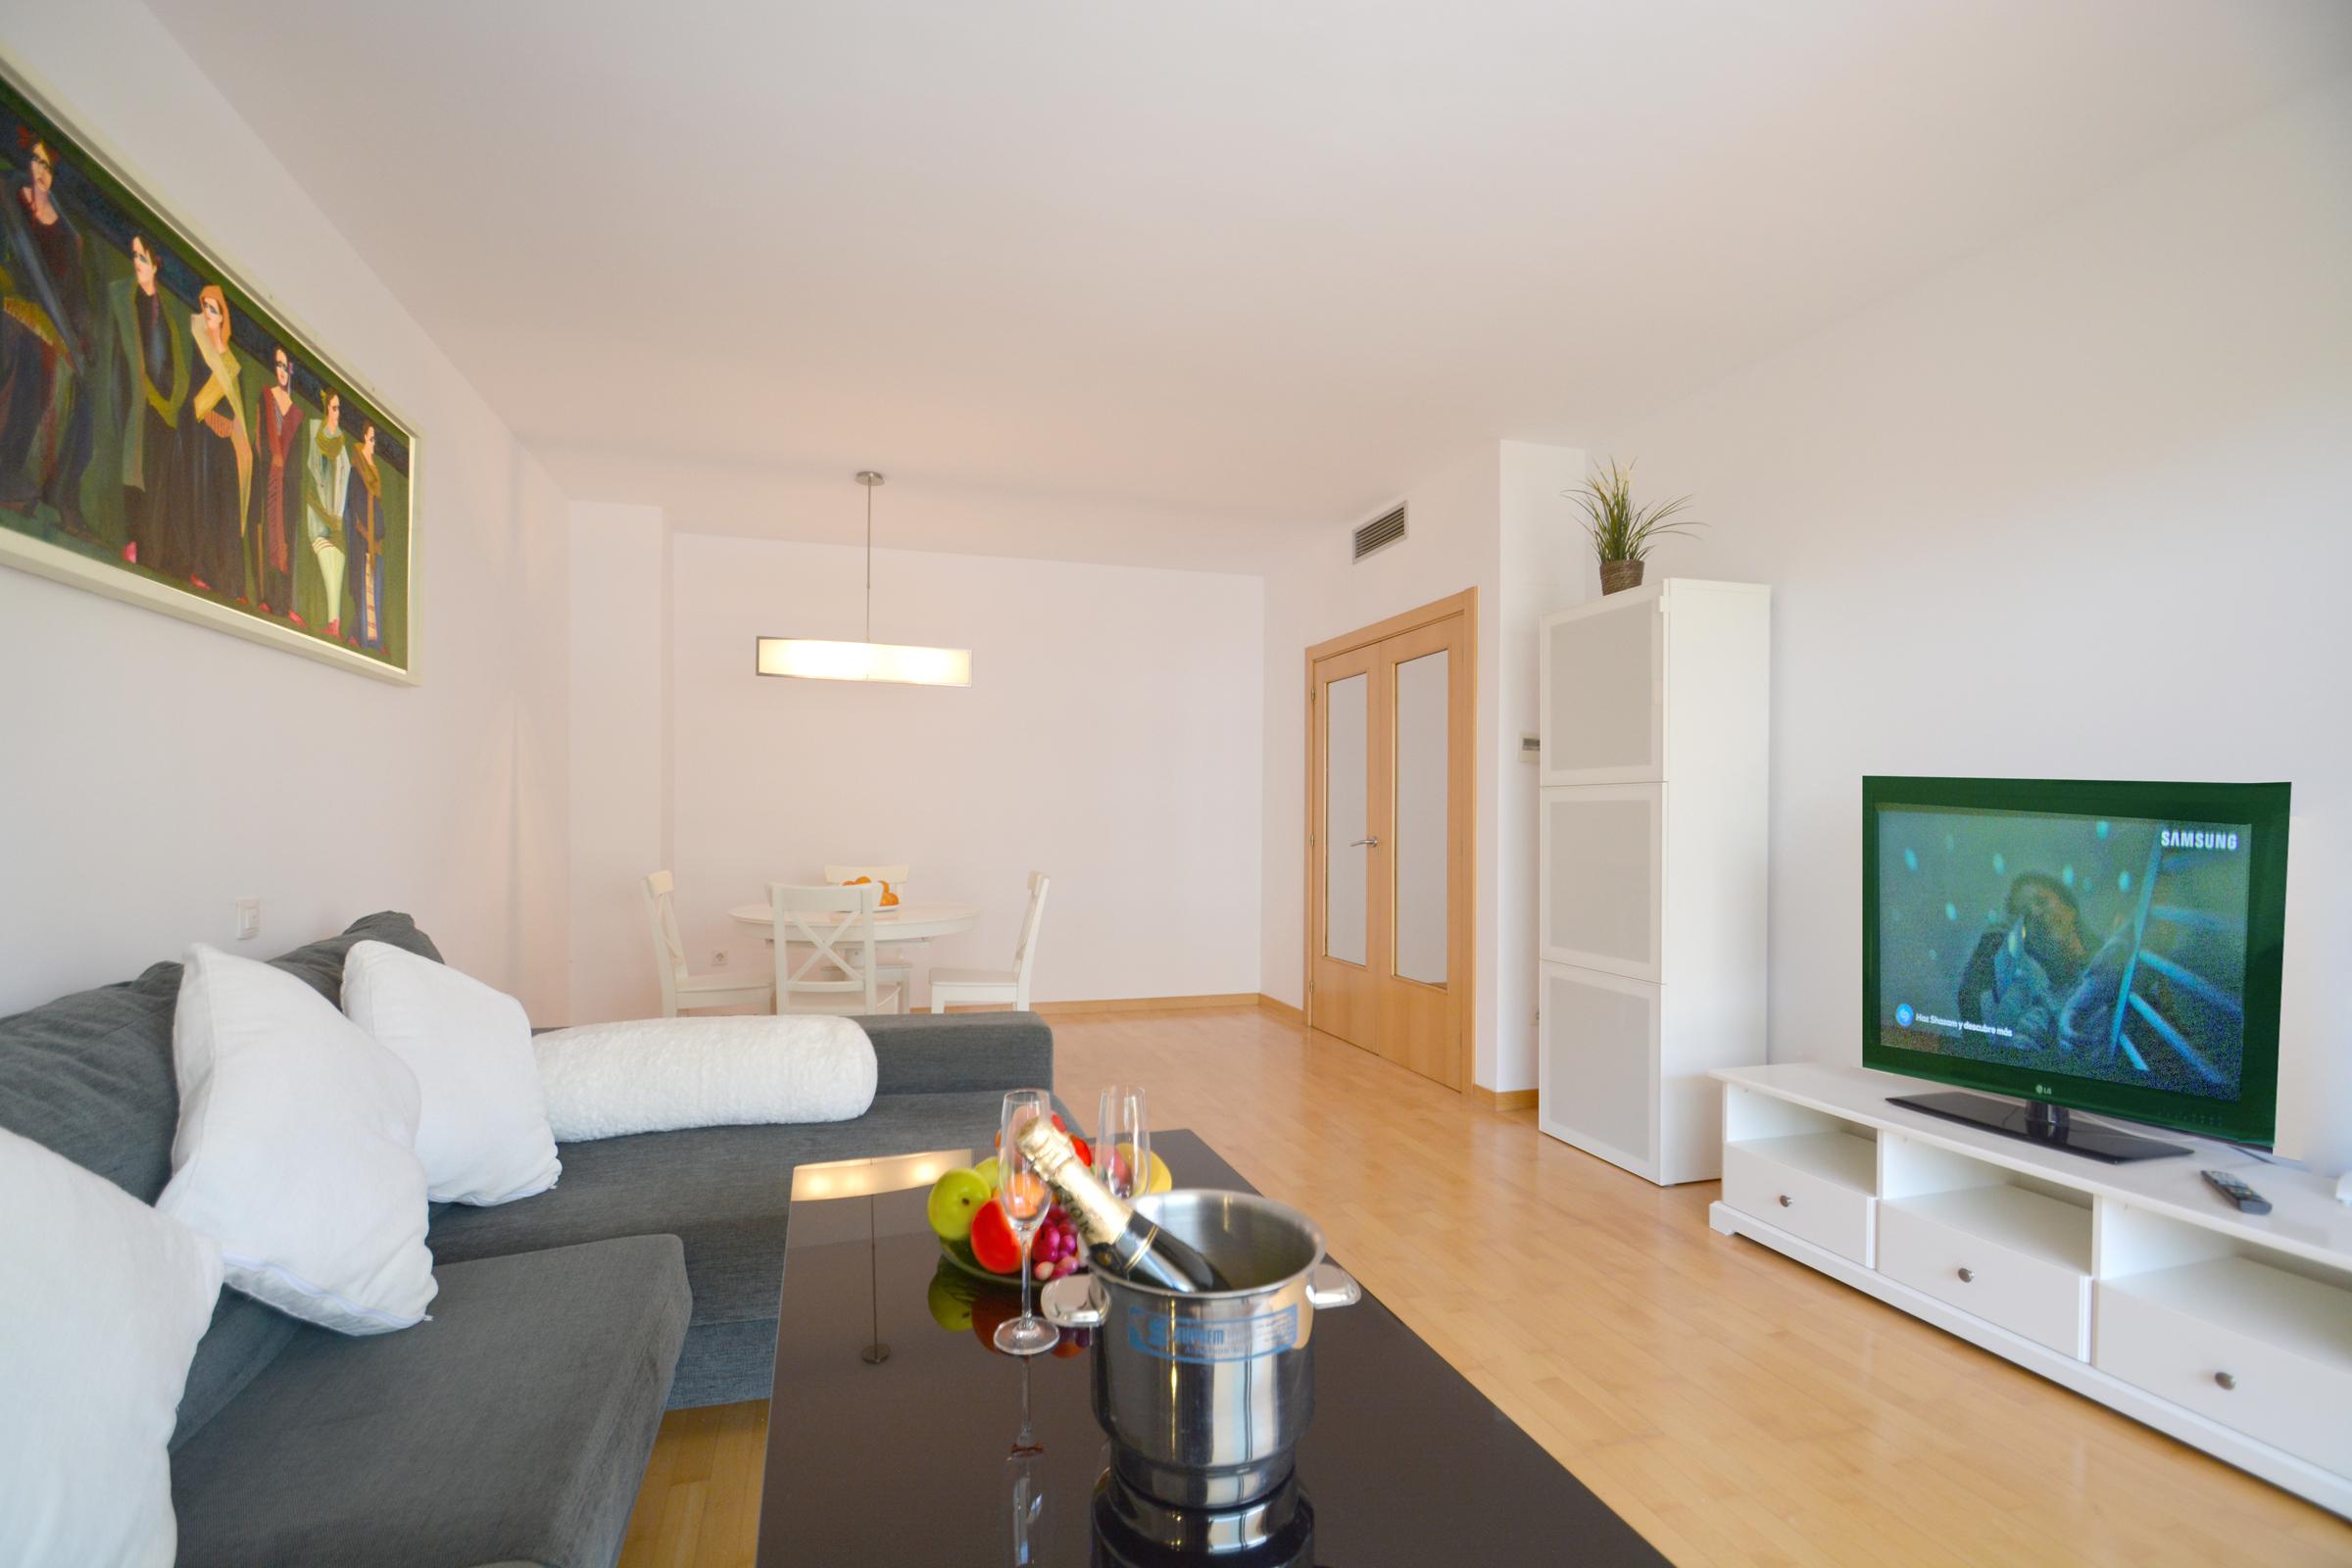 Apartamento preparado para alquiler